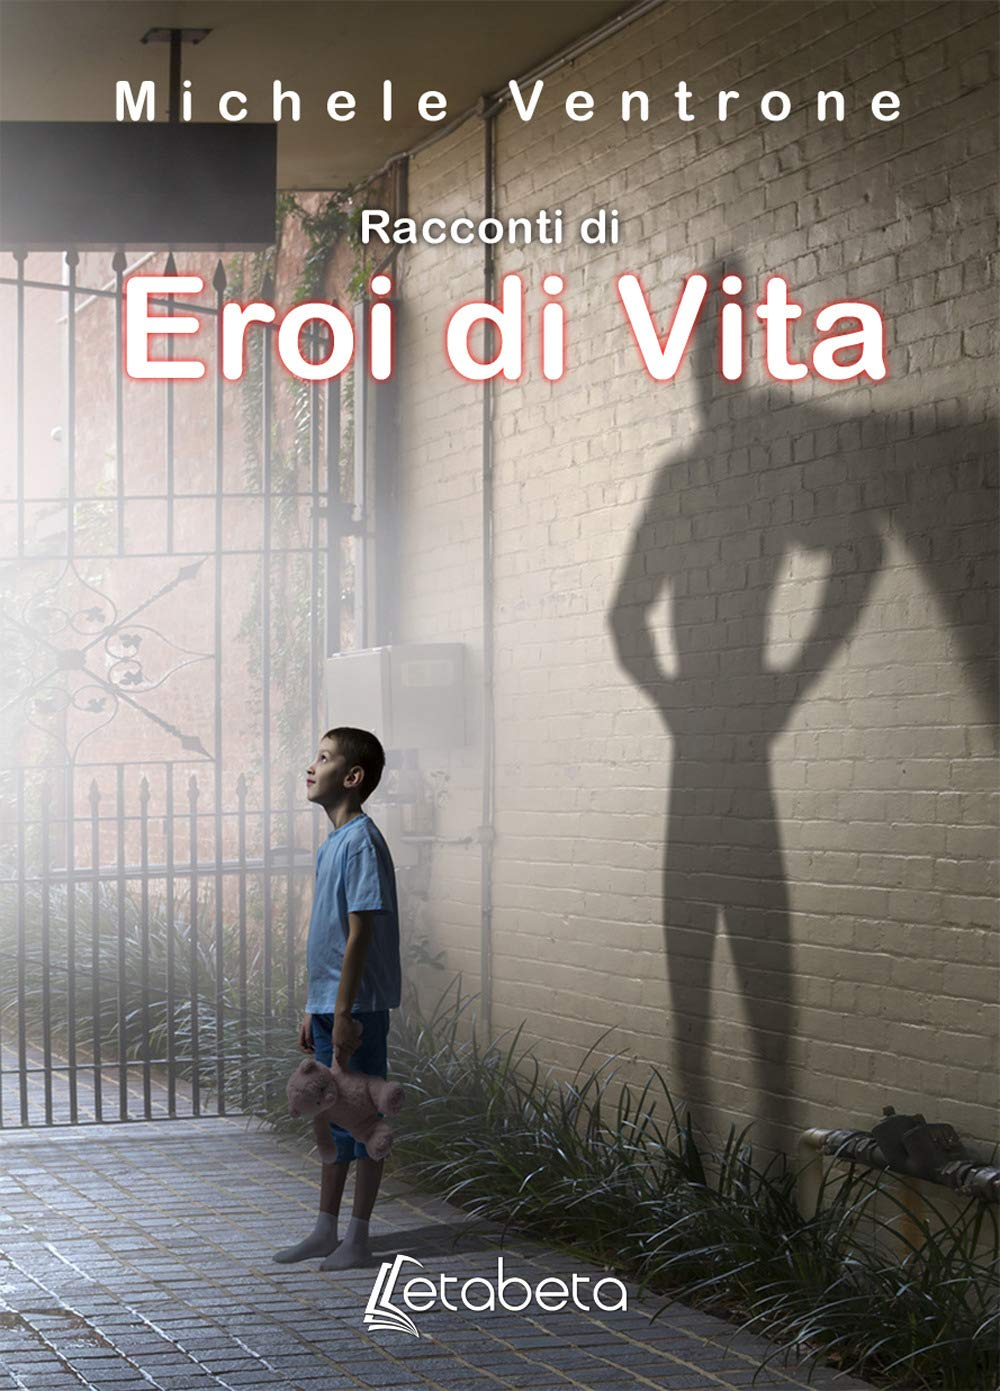 Amazon.it: Racconti di eroi di vita. Nuova ediz. - Ventrone, Michele - Libri